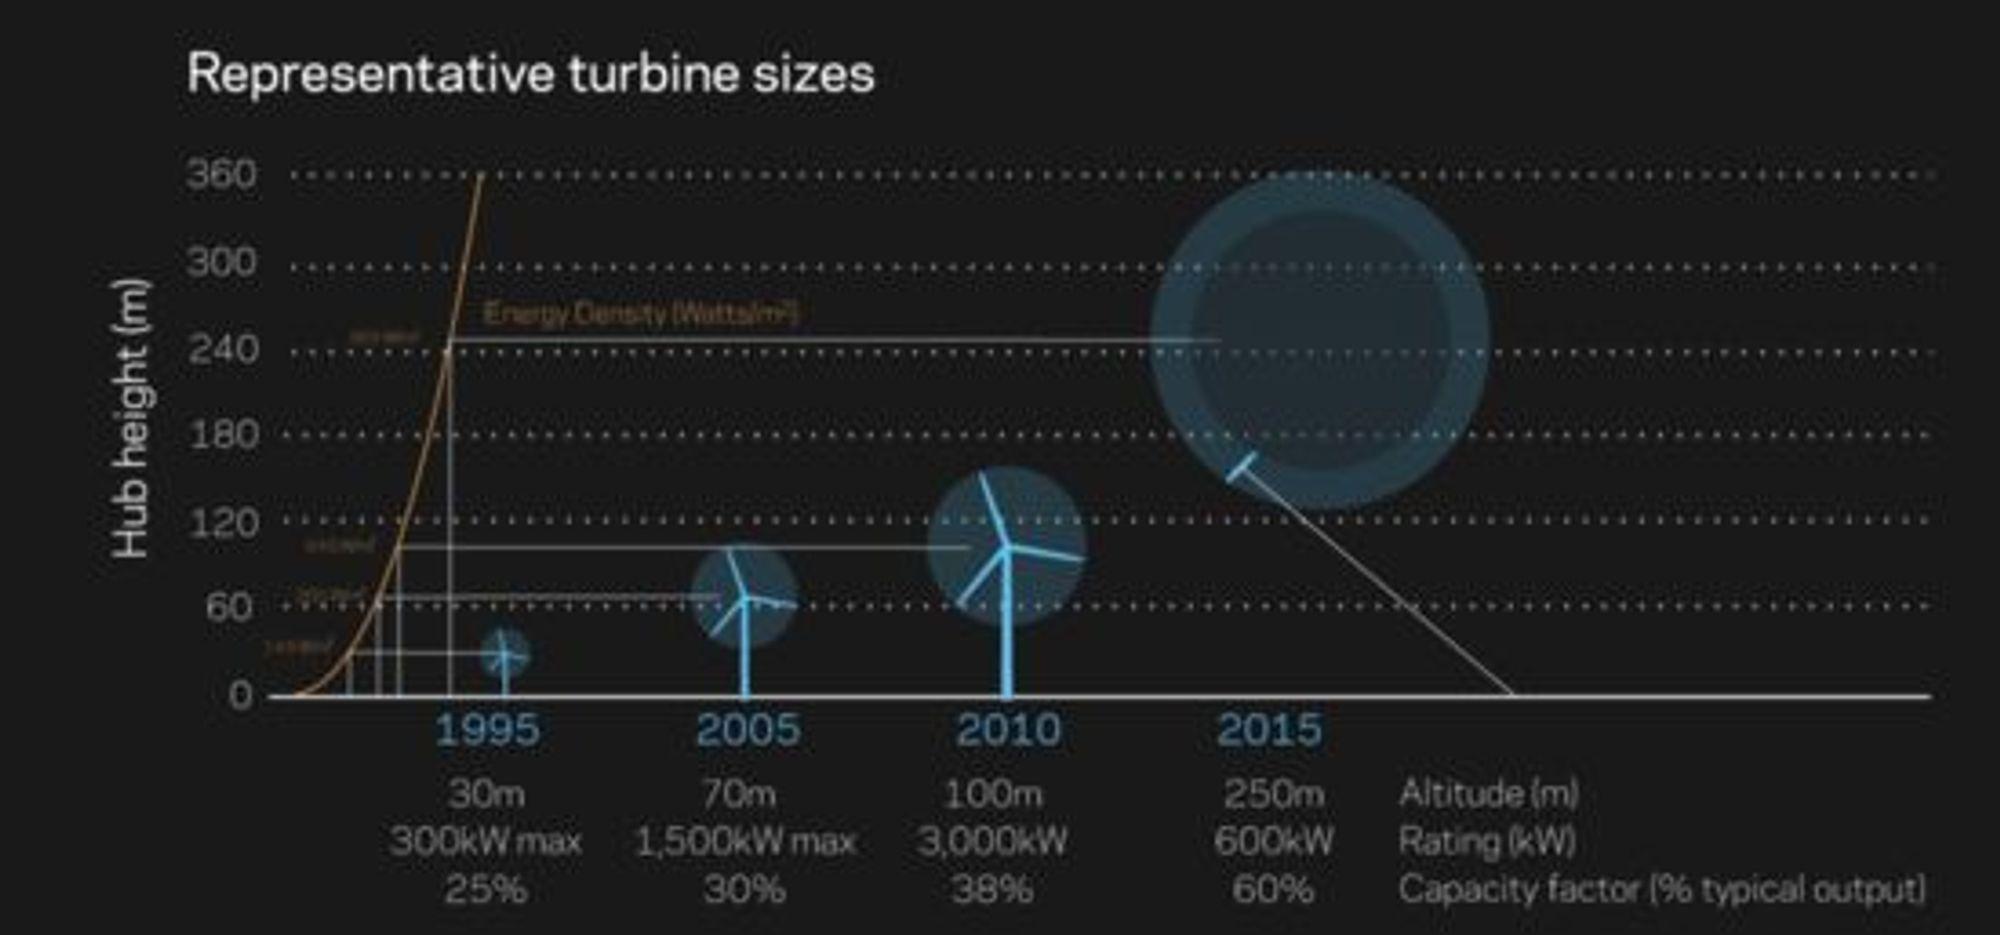 Høy, makseffekt og typisk utnyttelsesgrad til ulike typer vindturbiner, ifølge Makani Power og en ekstern rapport. Tallene for Makinis Airborne Wind Turbine er estimater.